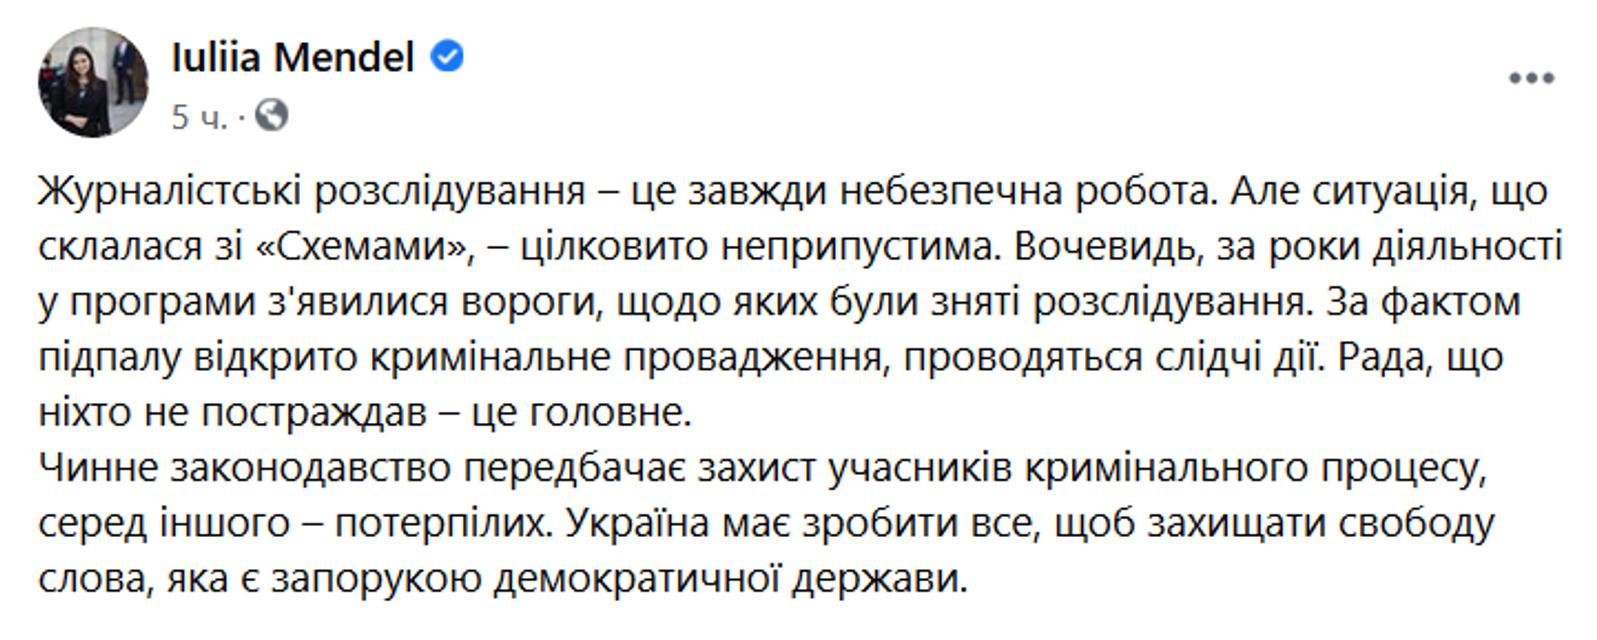 У Зеленского отреагировали на сожжение машины 'Схем' - фото 204143